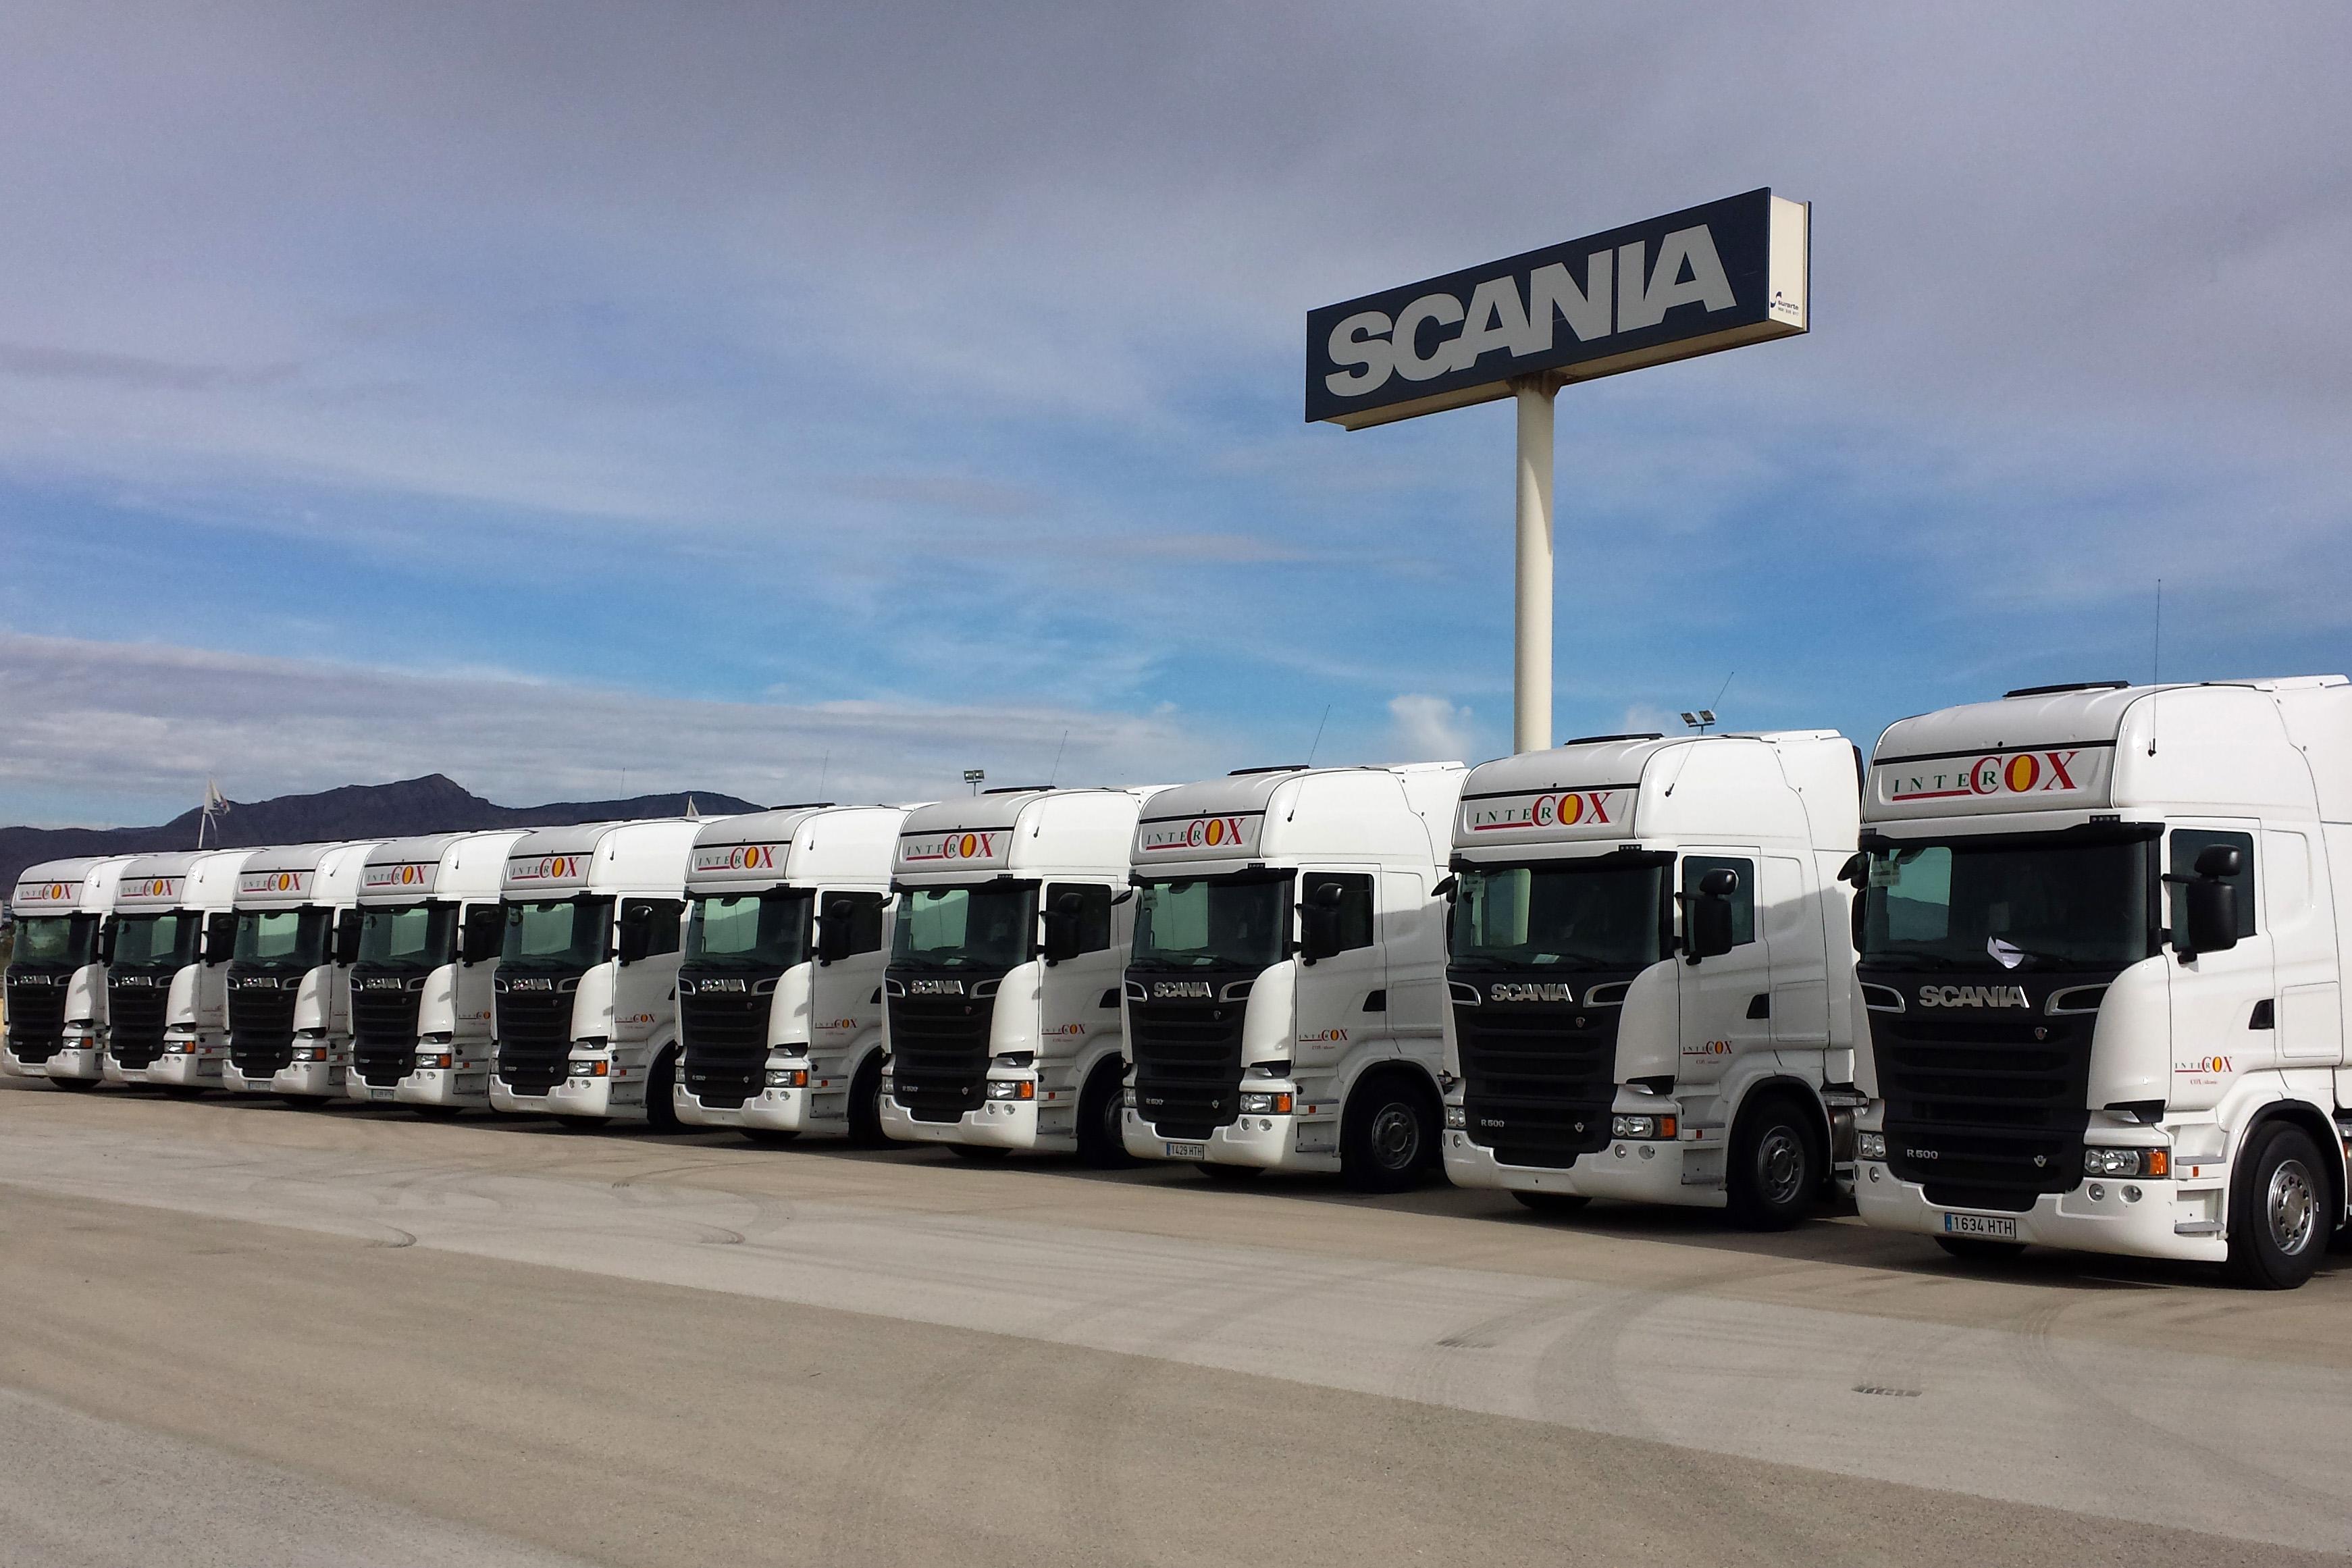 Intercox vuelve a apostar por scania truckpasi n for Empresas de transporte en tenerife